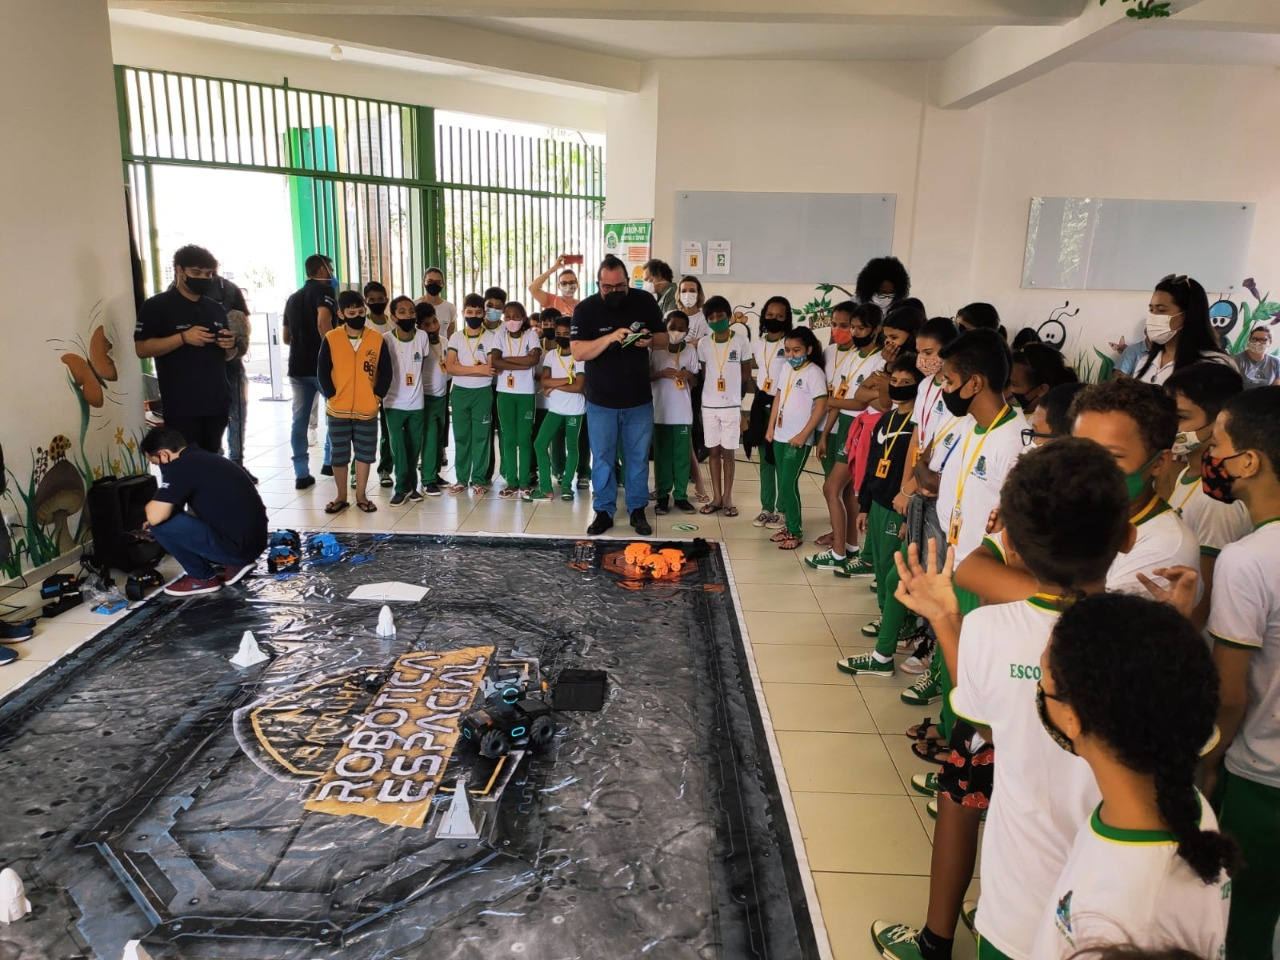 WhatsApp Image 2021 10 13 at 14.21.28 1 - Escolas Municipais recebem projeto de Robótica Espacial através da FUNETEC: 'alcançará 10 mil alunos'